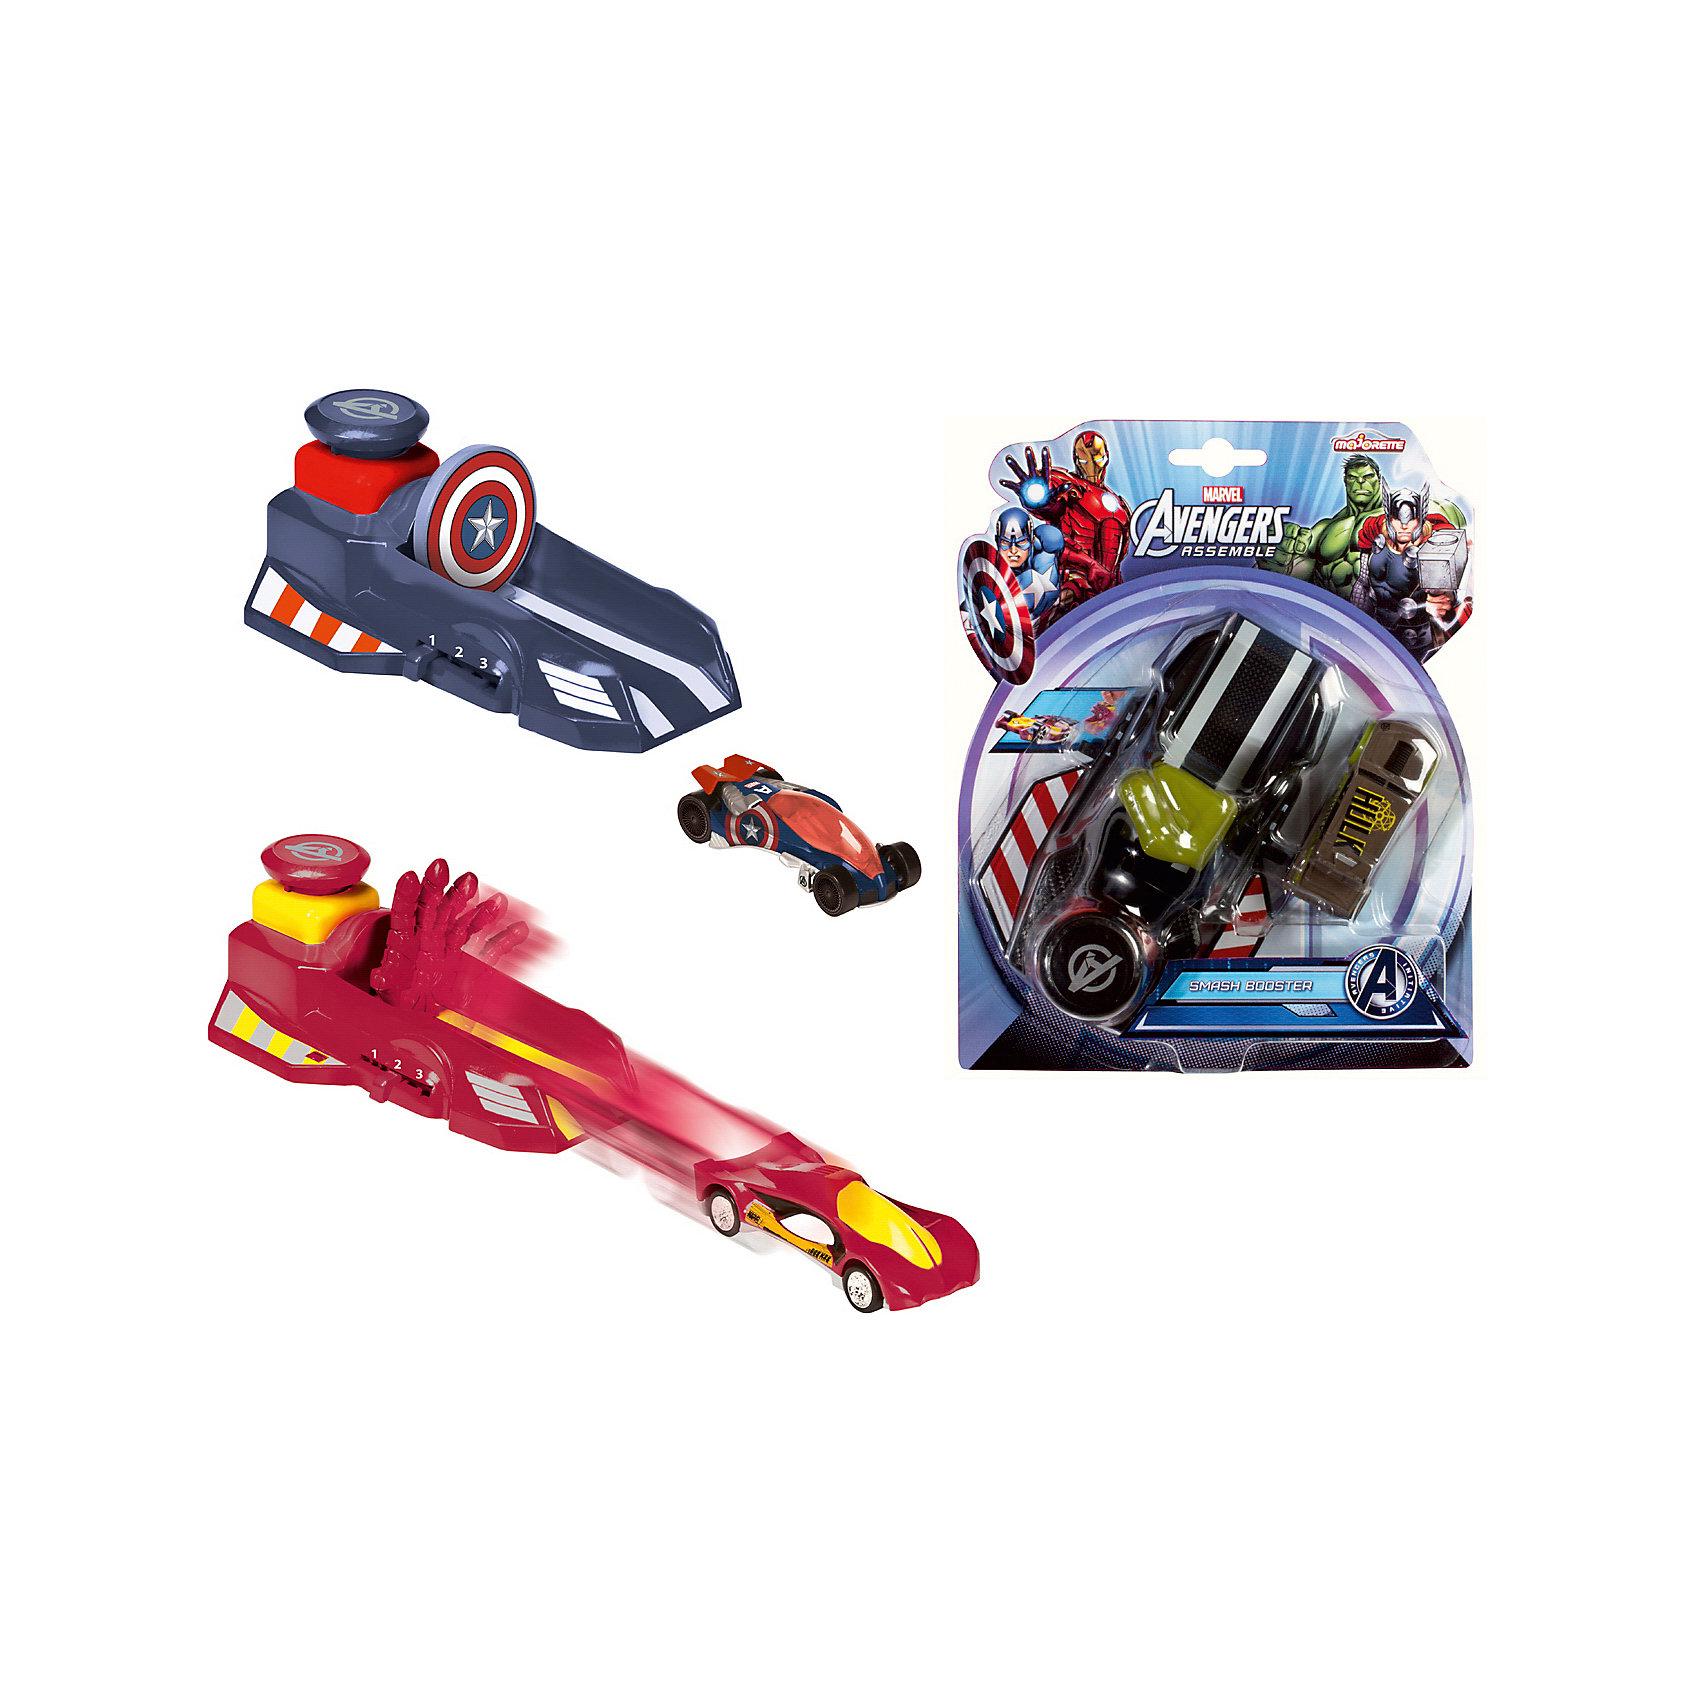 Пусковой механизм Мстители + авто 7,5 см, MajoretteПусковой механизм Мстители + авто 7,5 см, Majorette, в ассортименте – это набор для всех любителей высоких скоростей.<br>Удивительный игровой набор «Мстители» (Avengers) от Majorette включает в себя автомобиль и специальное пусковое устройство, оформленные в стиле одного из самых известных супергероев: Халка, Железного Человека или Капитана Америки. При этом, пусковое устройство не только имеет характерную супергерою раскраску, а выполнено в стиле его сверхспособностей. Так, машину Капитана Америки толкает пусковое устройство со знаменитым щитом, Халка — большой зеленый кулак, а Железного Человека раскрытая ладонь. Устройство можно настроить на одну из трех желаемых скоростей — от умеренной до очень быстрой.<br><br>Дополнительная информация:<br><br>- В ассортименте: 3 вида<br>- В наборе: автомобиль, пусковое устройство<br>- 3 режима скорости<br>- Размер машинки: 7,5 см.<br>- Материал: пластик<br>- Размер упаковки: 250х60х200 мм.<br>- Вес: 280 г.<br><br>ВНИМАНИЕ! Данный артикул представлен в разных вариантах исполнения. К сожалению, заранее выбрать определенный вариант невозможно. При заказе нескольких артикулов возможно получение одинаковых.<br><br>Пусковой механизм Мстители + авто 7,5 см, Majorette, в ассортименте можно купить в нашем интернет-магазине.<br><br>Ширина мм: 250<br>Глубина мм: 60<br>Высота мм: 200<br>Вес г: 280<br>Возраст от месяцев: 36<br>Возраст до месяцев: 72<br>Пол: Унисекс<br>Возраст: Детский<br>SKU: 4128898